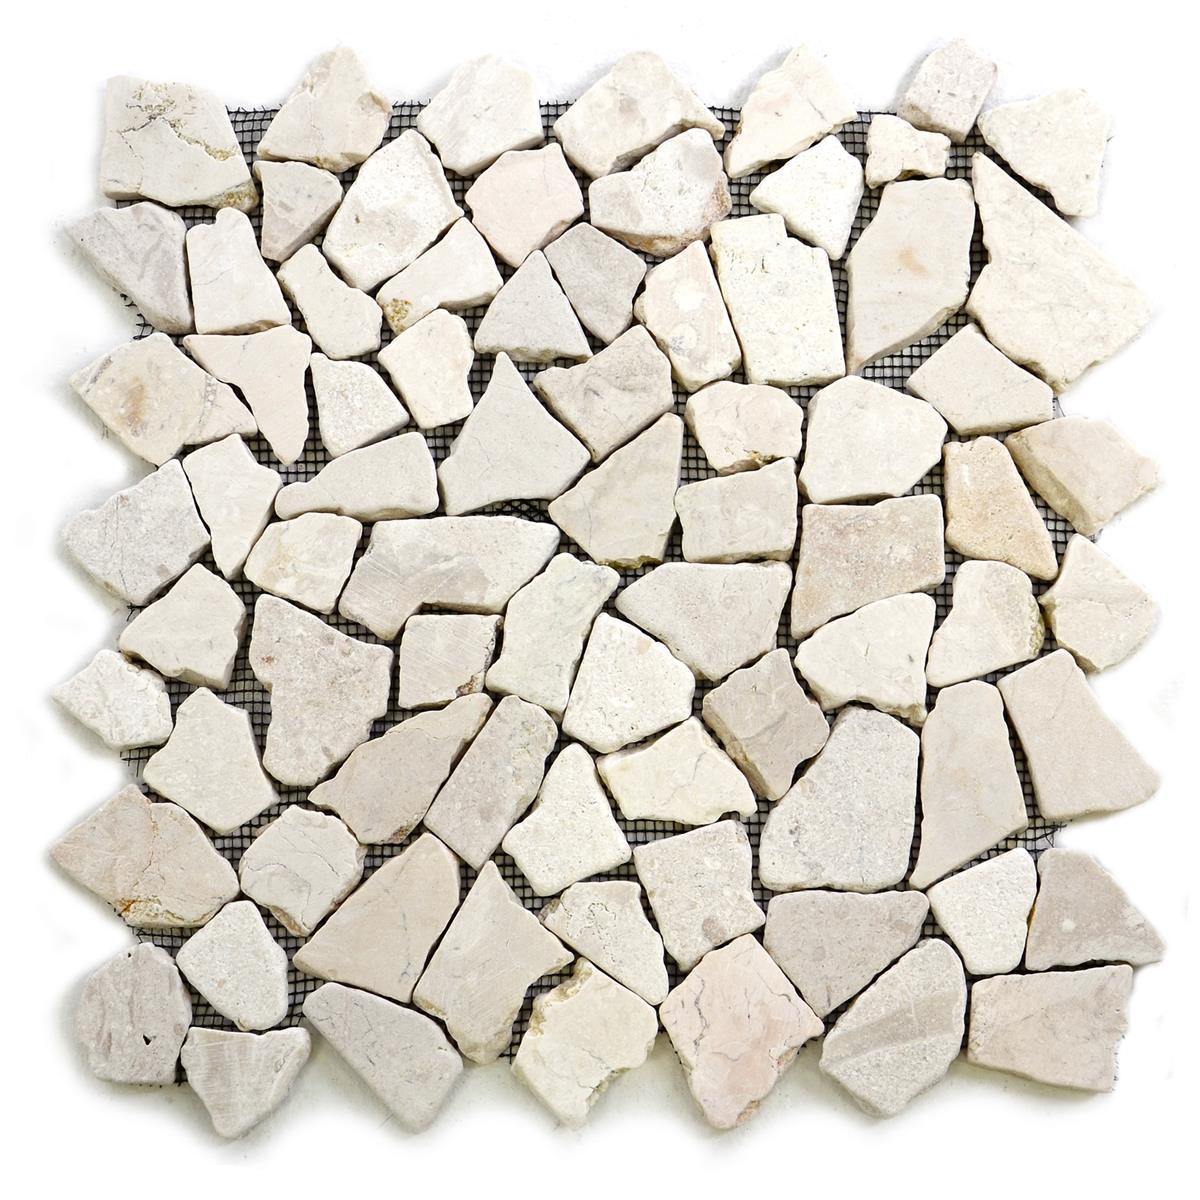 DIVERO 9 Fliesenmatten Marmor Bruchsteinmosaik cremeweiß á 35 x 35 cm